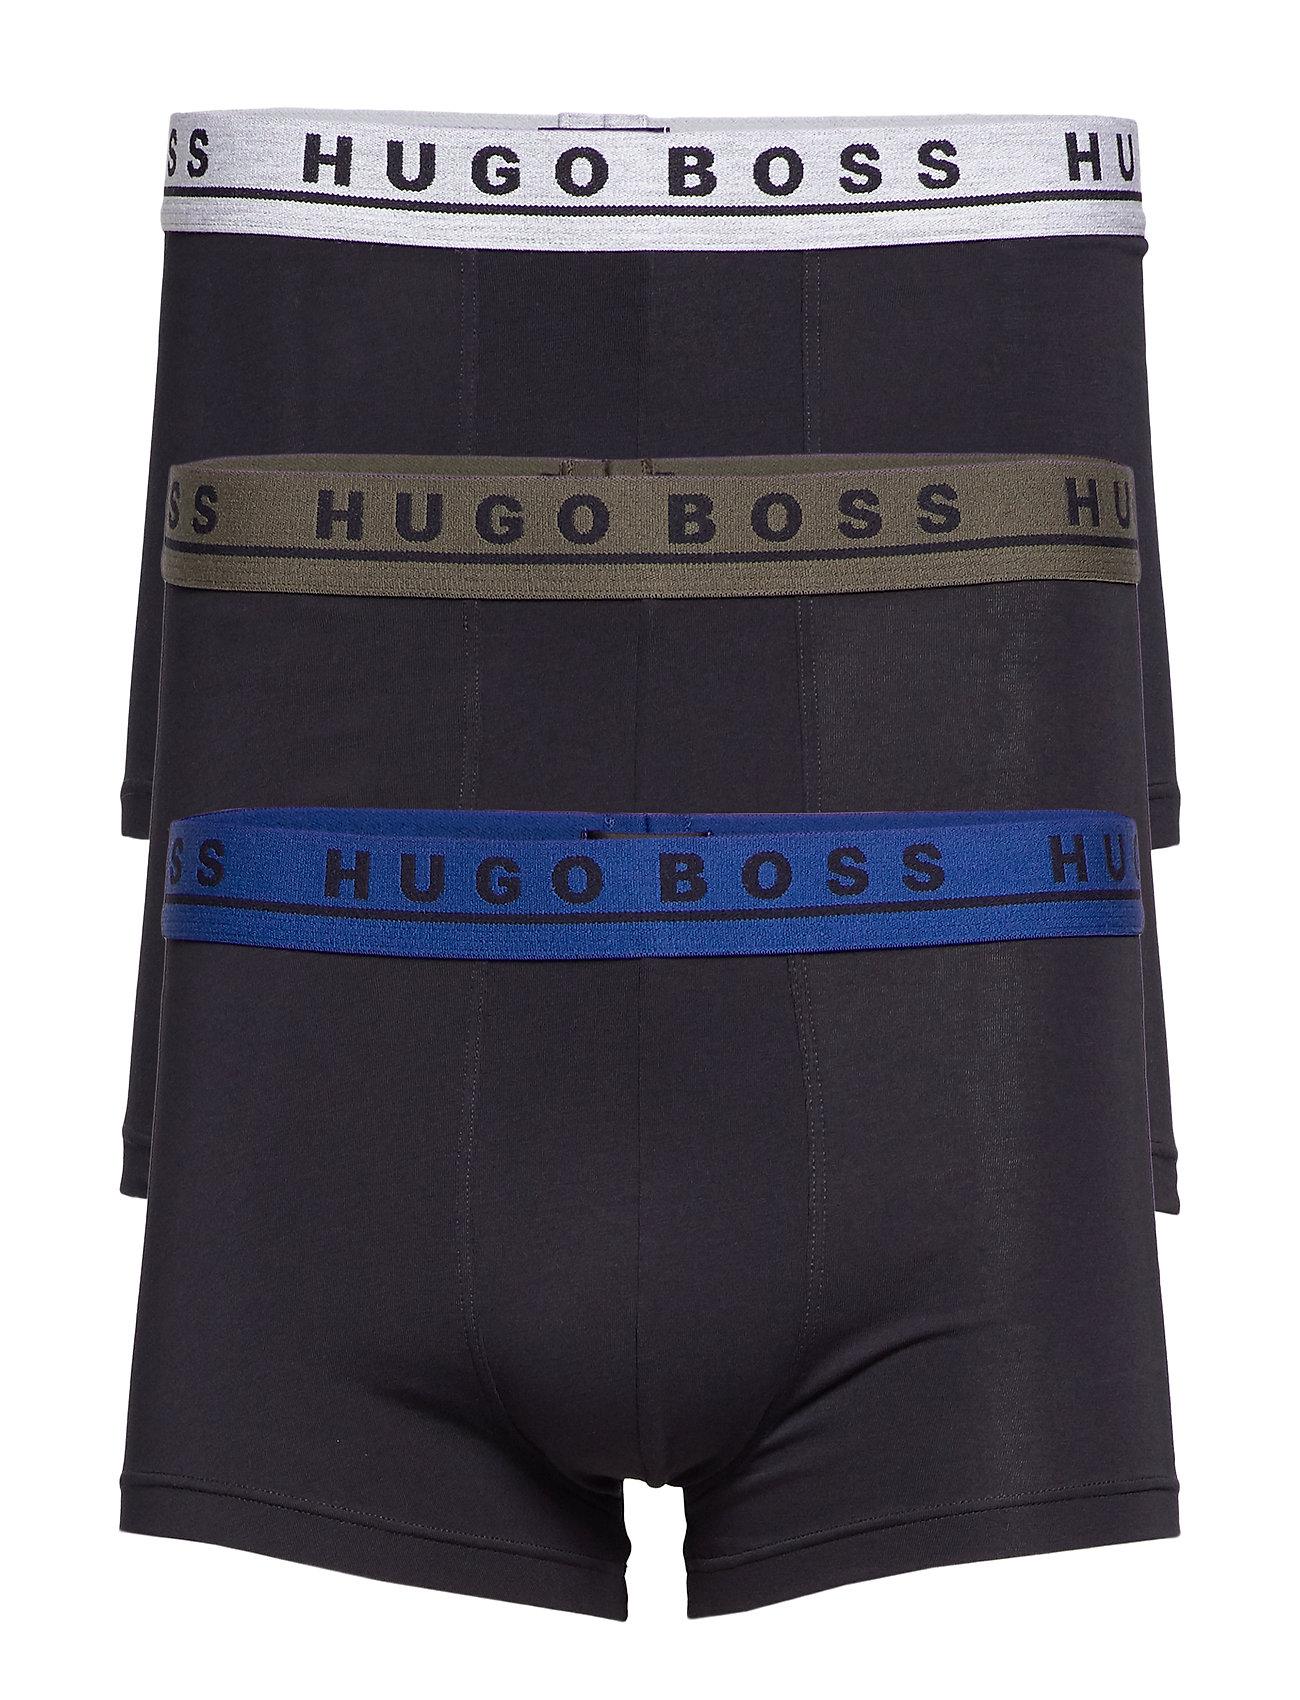 BOSS Business Wear Trunk 3P CO/EL - OPEN MISCELLANEOUS